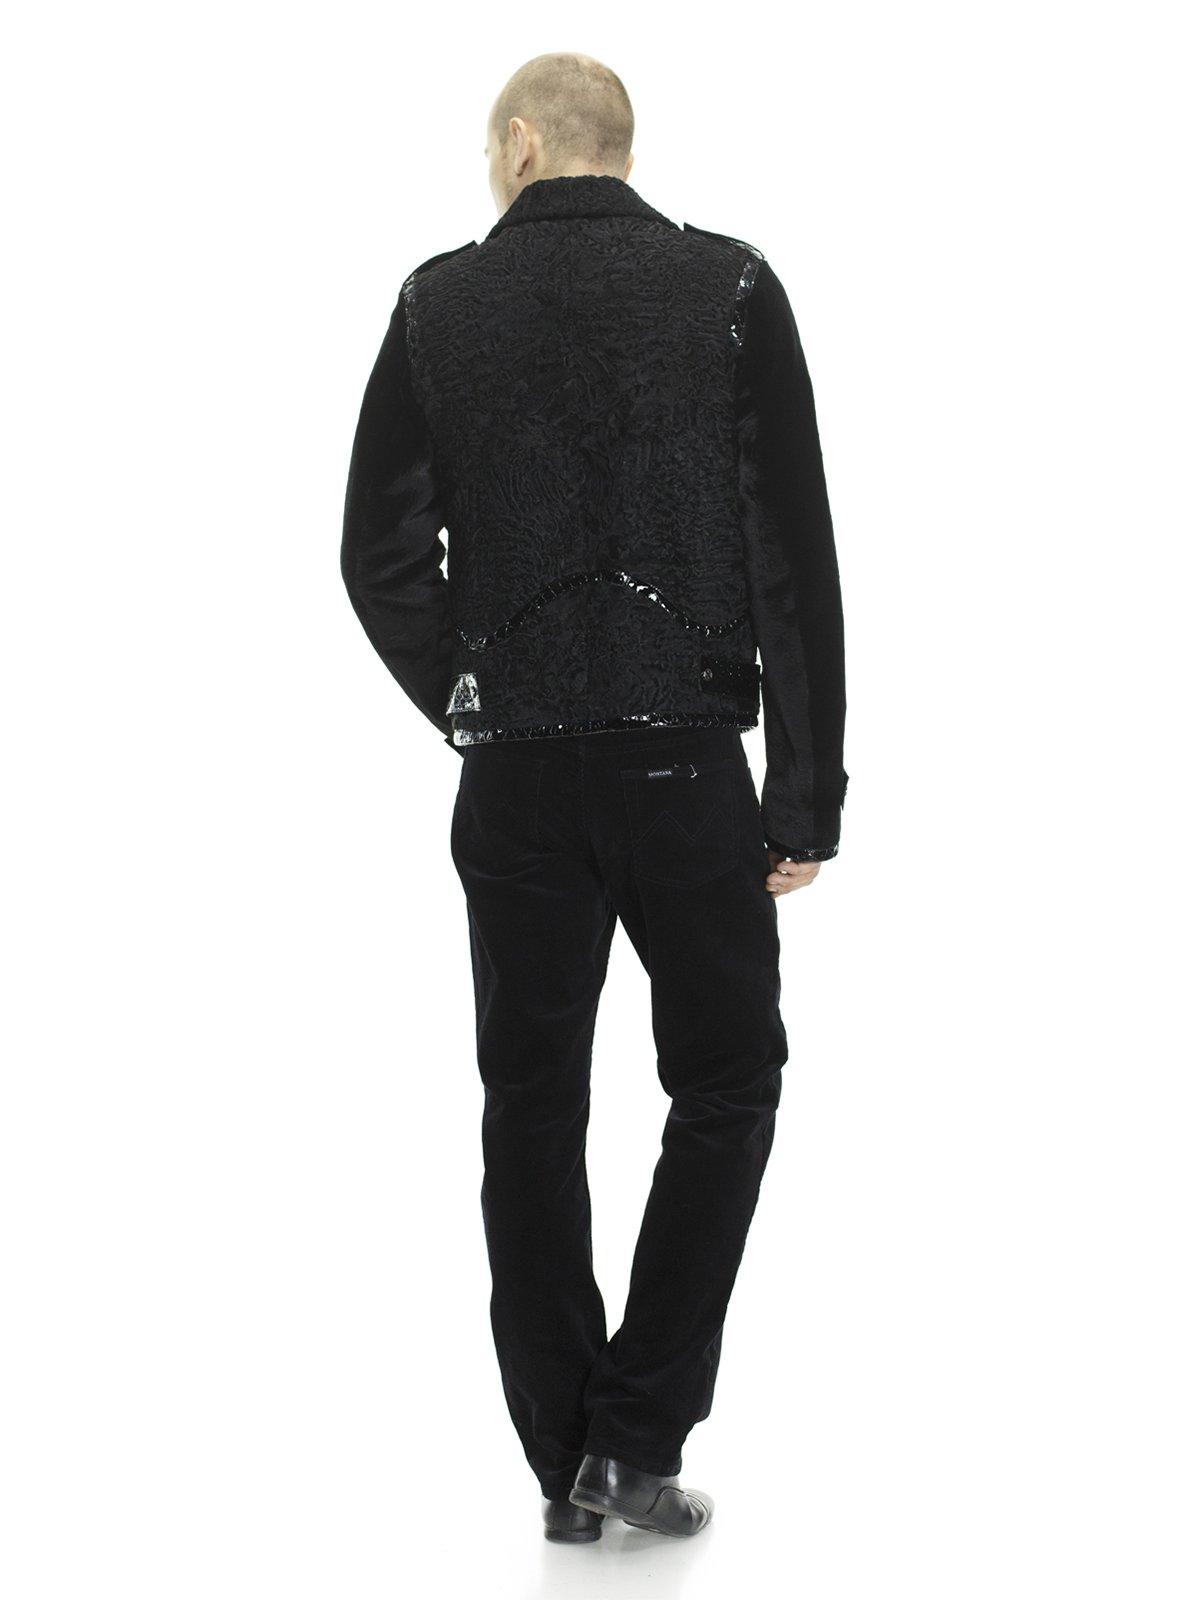 Куртка чорна комбінована з хутром кенгуру і каракуля | 692951 | фото 2